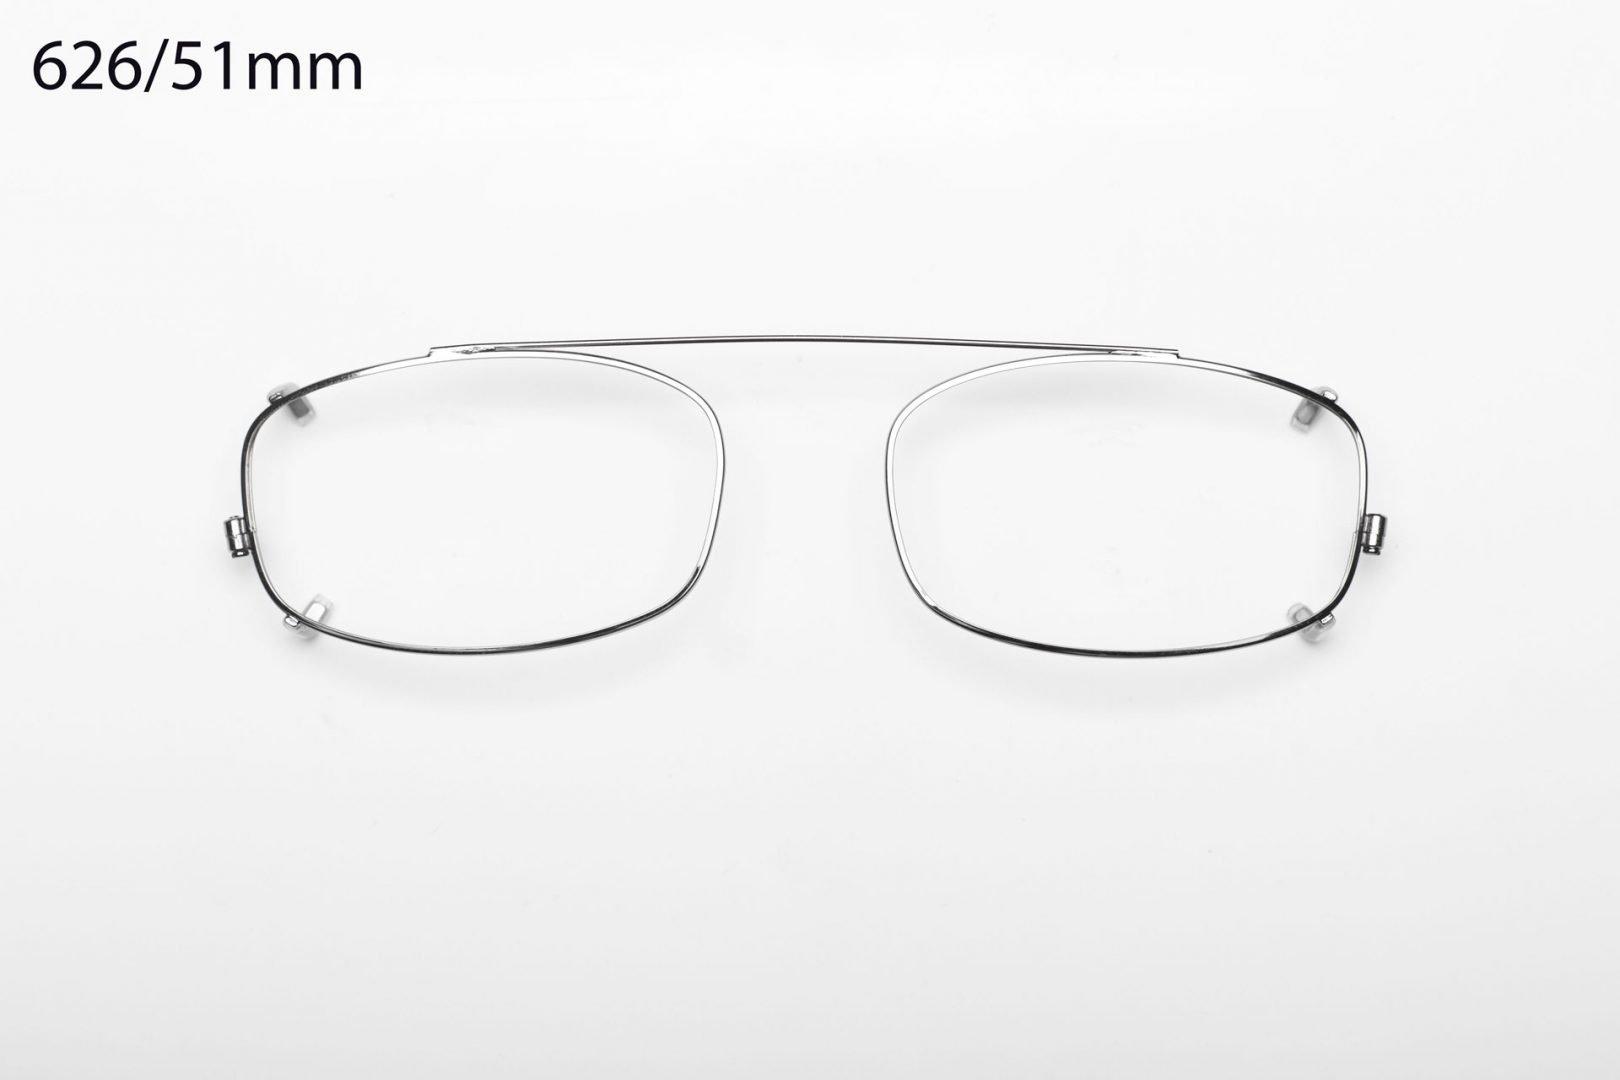 Modèle A84-62651mm